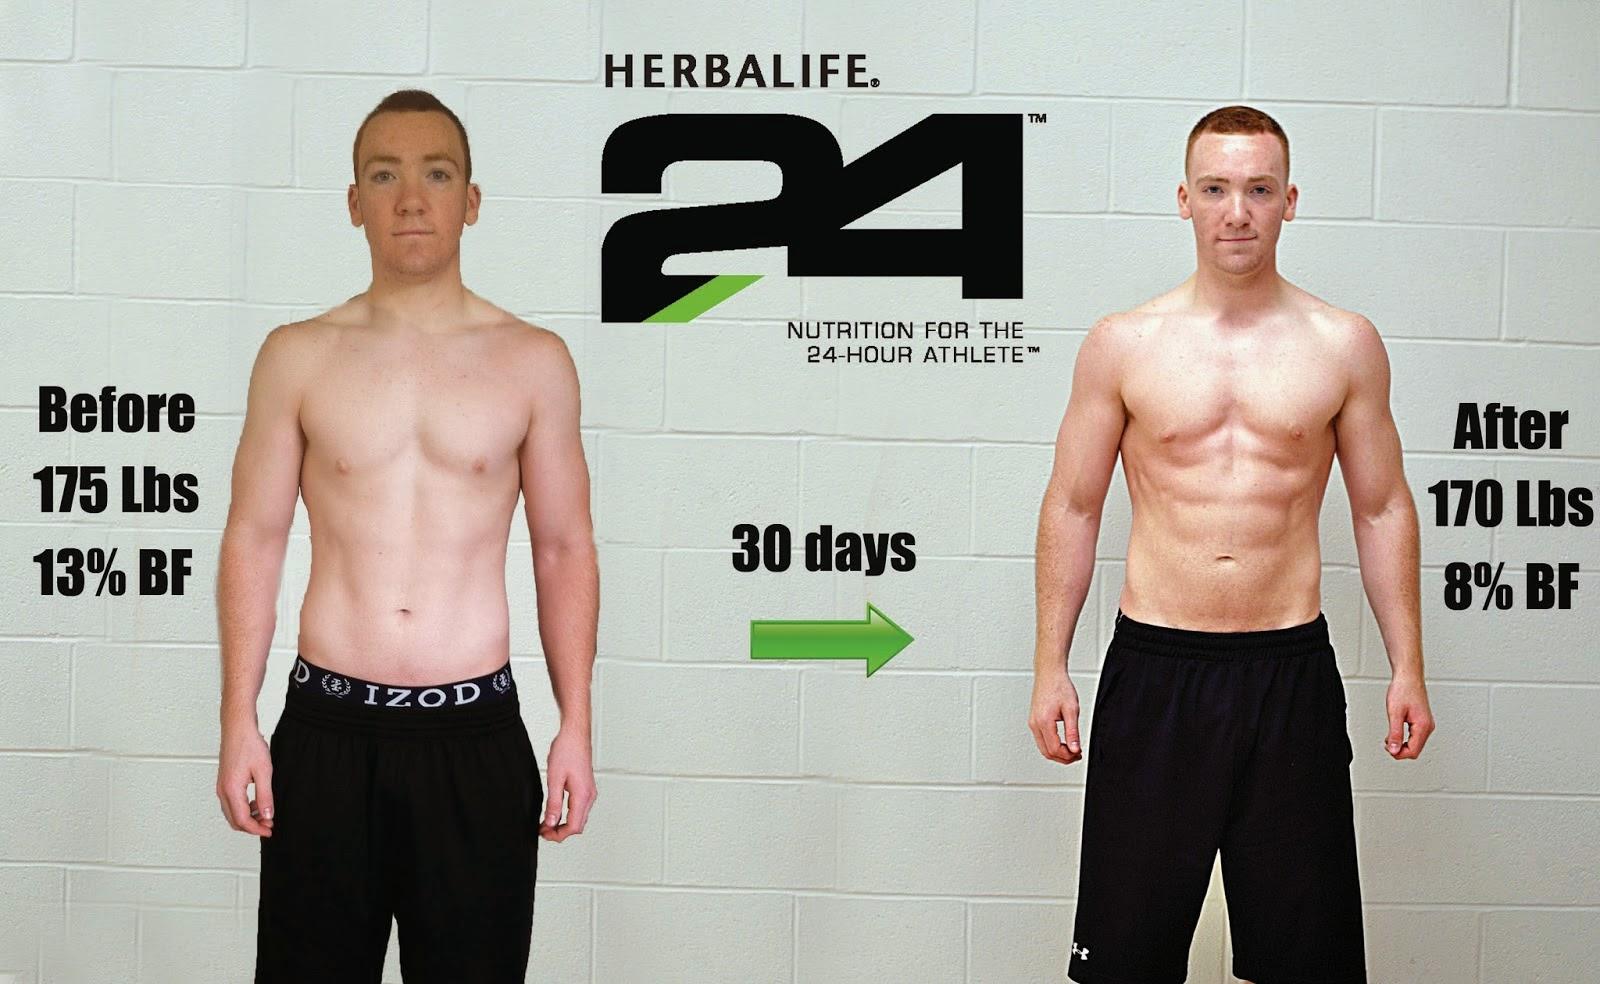 herbalife tambah berat badan